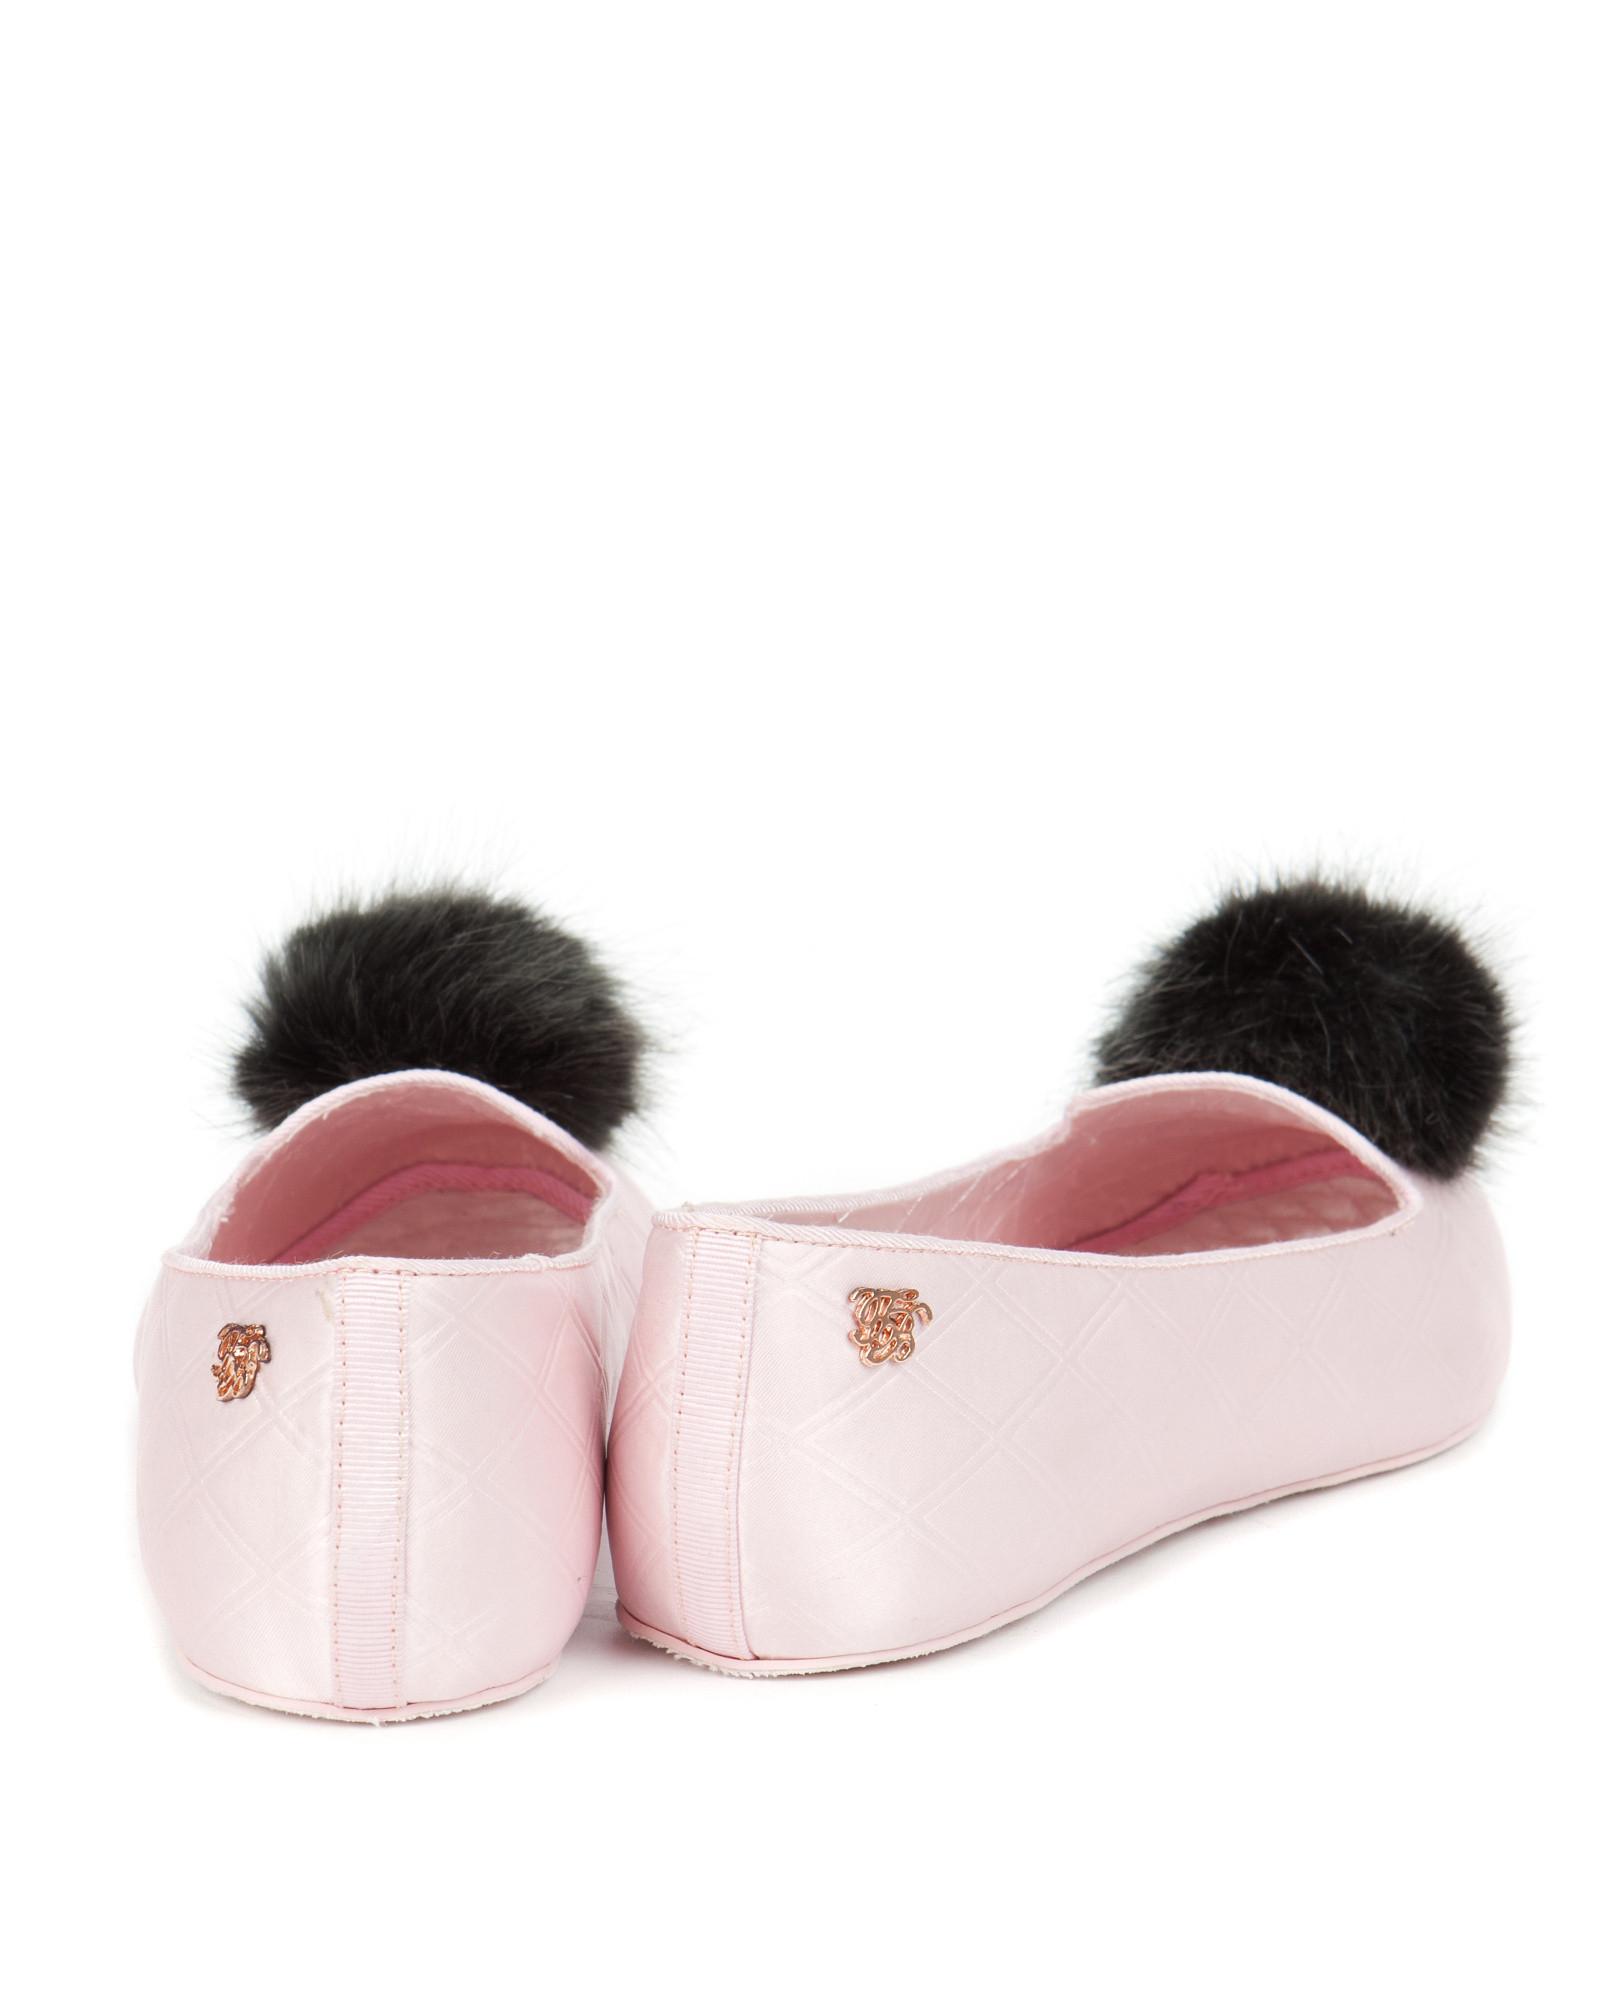 104786af5fb338 Ted Baker Pom Pom Slippers in Pink - Lyst